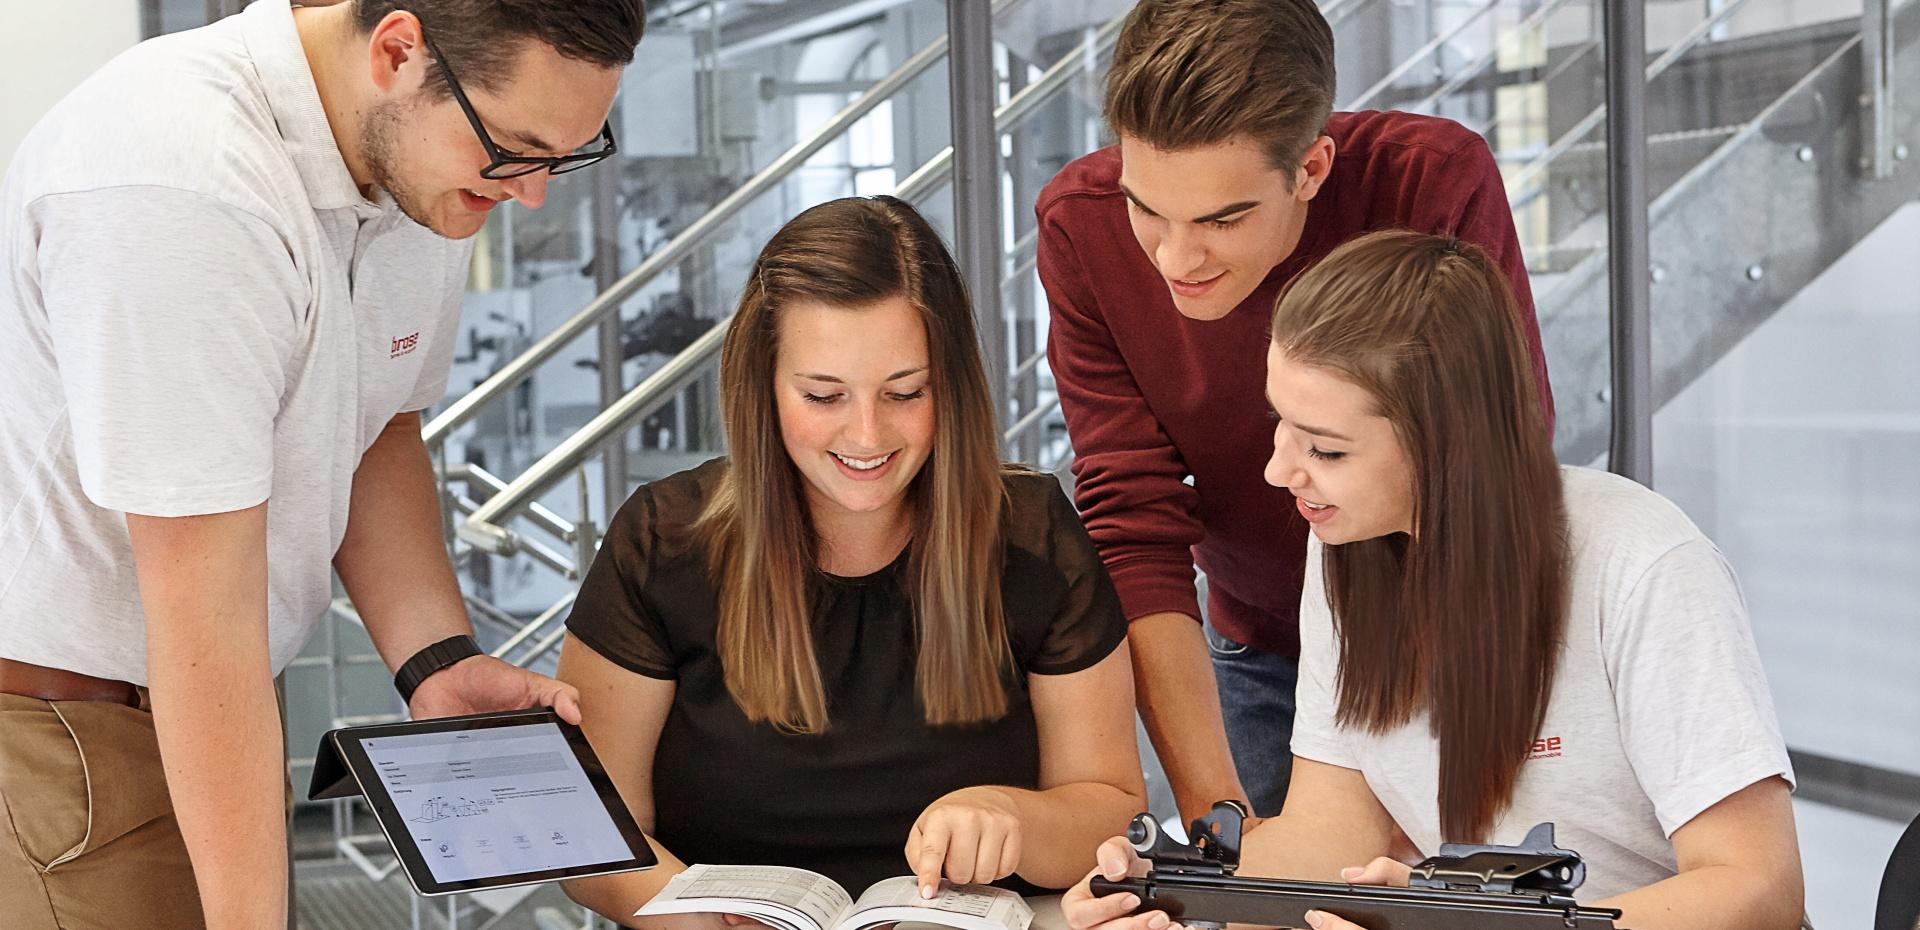 Brose Slowakei Students table